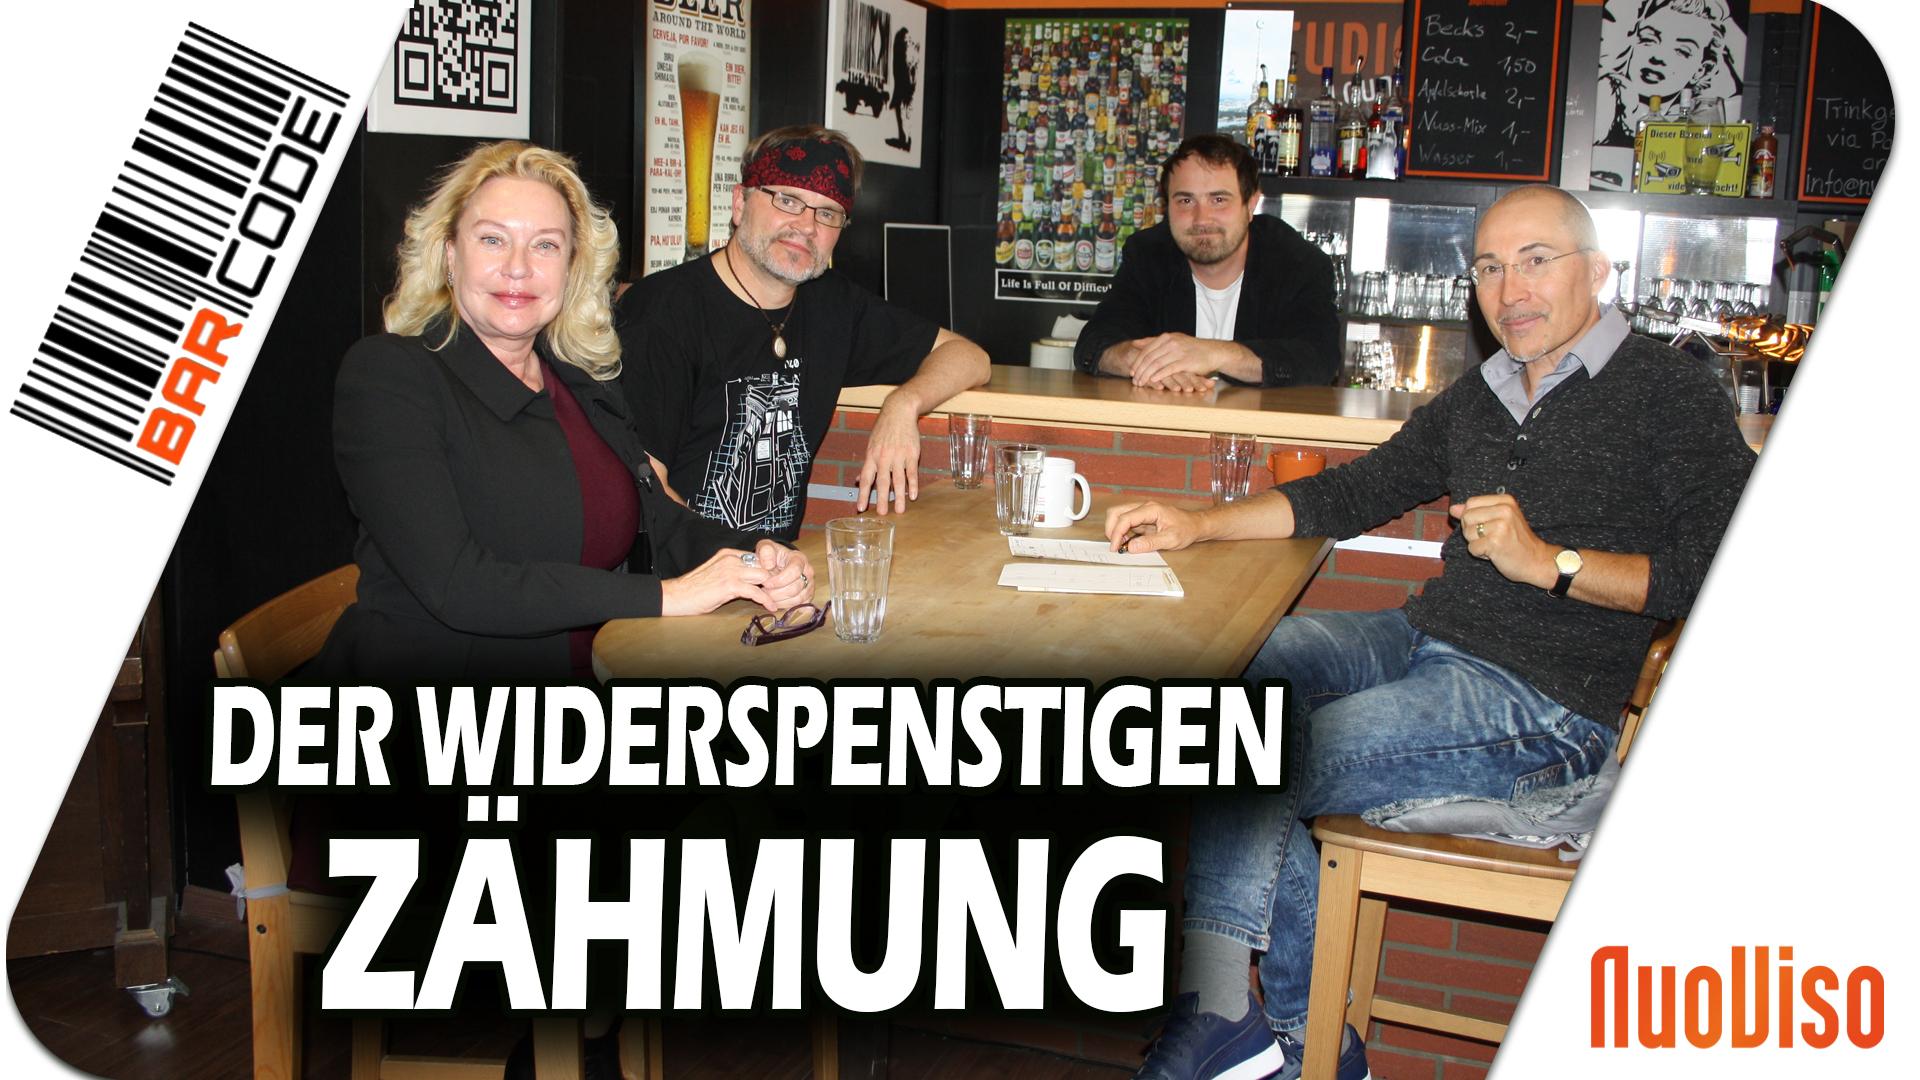 Der Widerspenstigen Zähmung – #BarCode mit Claudia Zimmermann & Bodo Schickentanz